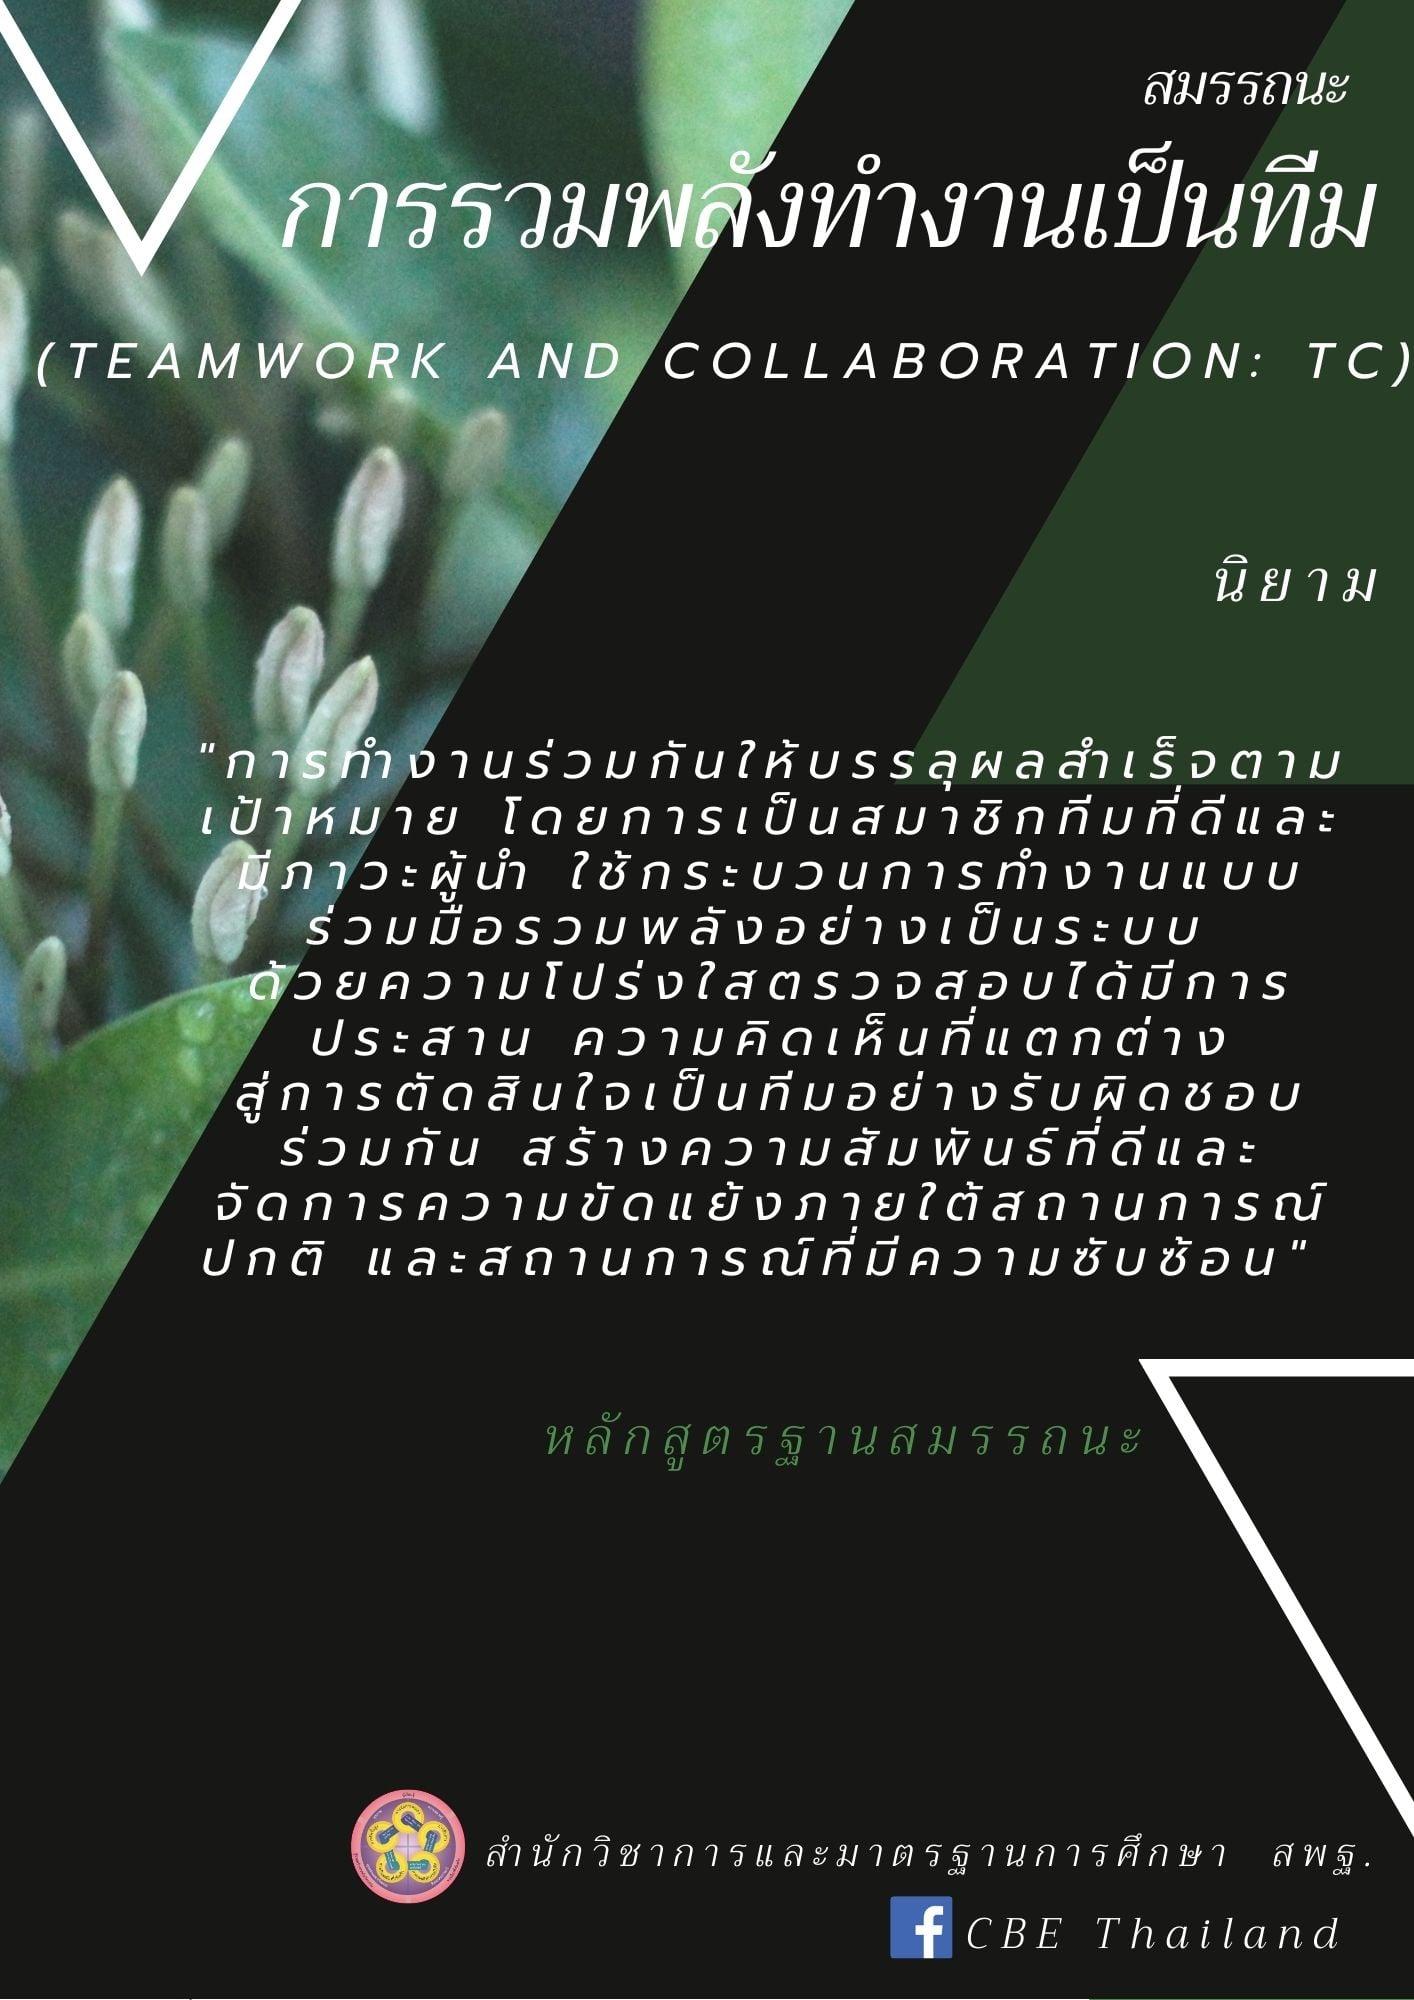 สมรรถนะการรวมพลังทำงานเป็นทีม (TC)